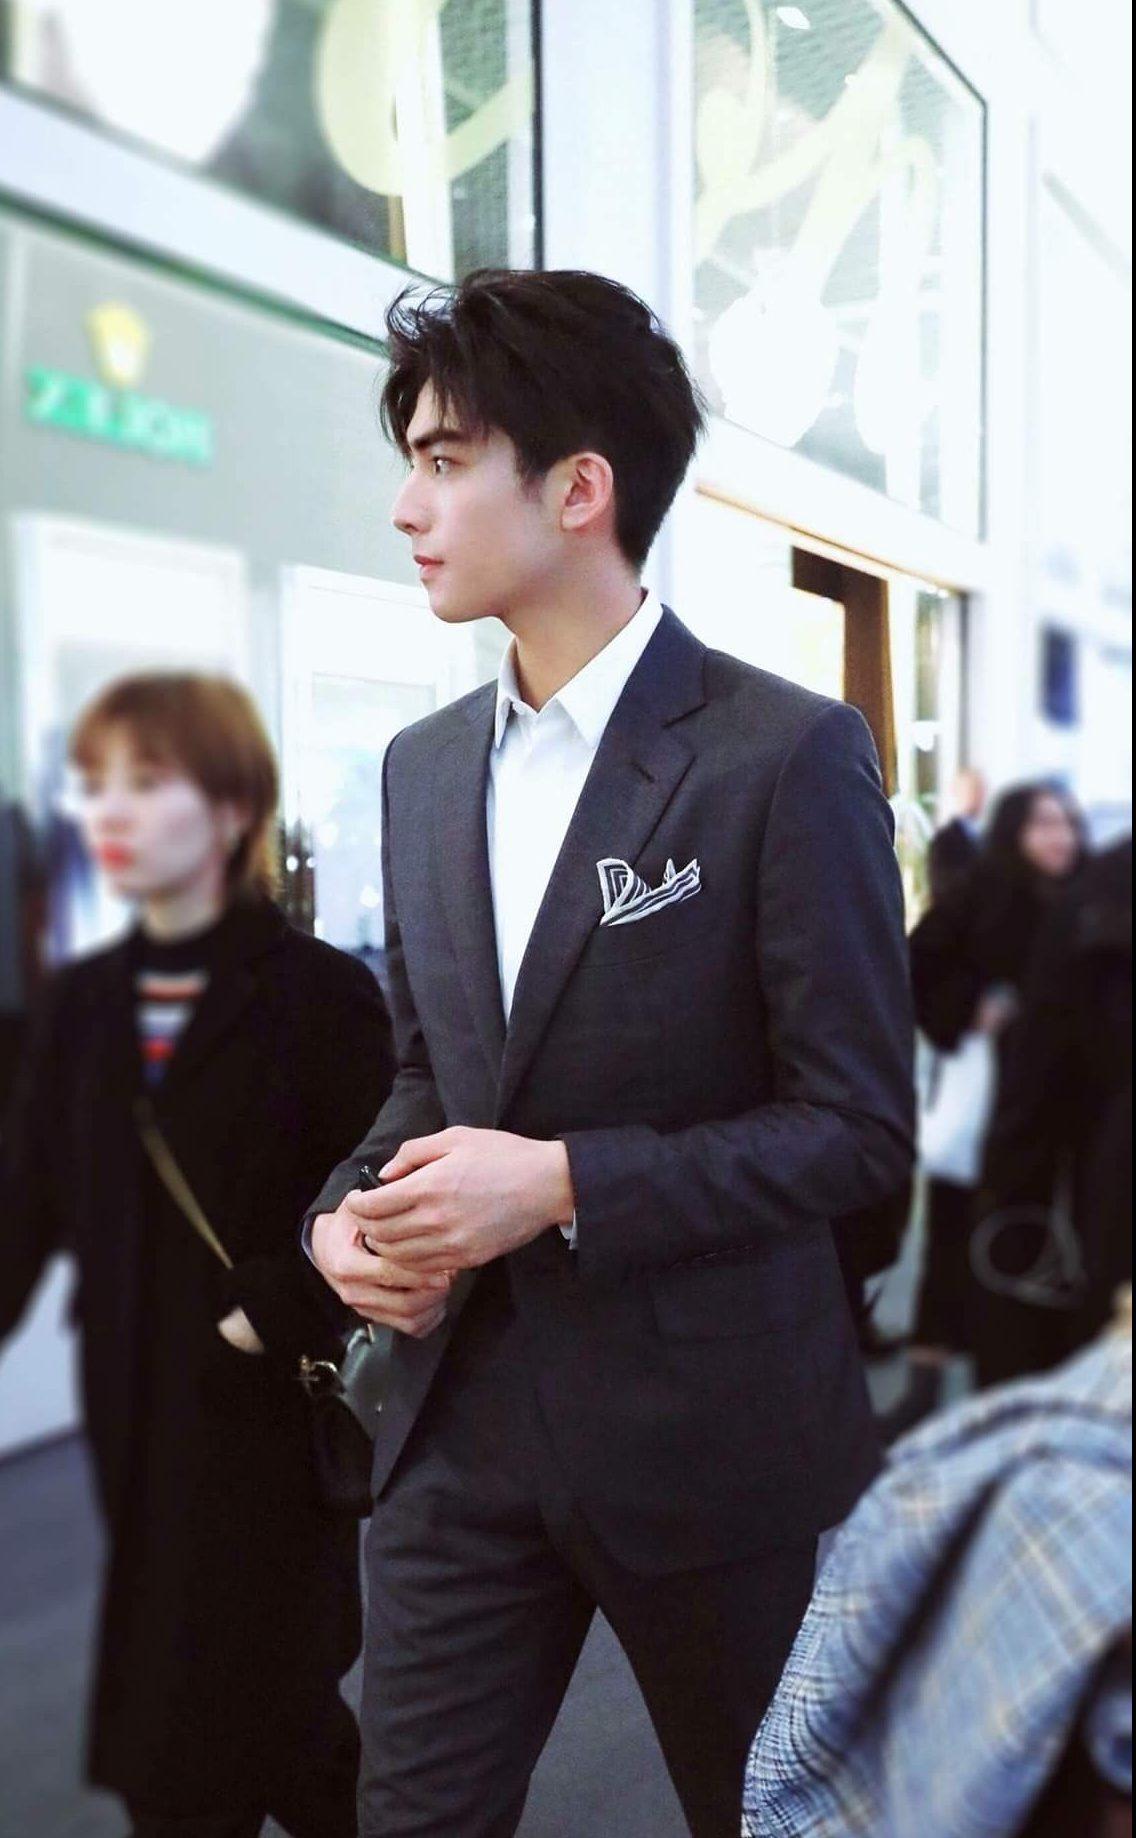 Dress-code-venuerific-blog-semi-formal-gents-suit-without-tie